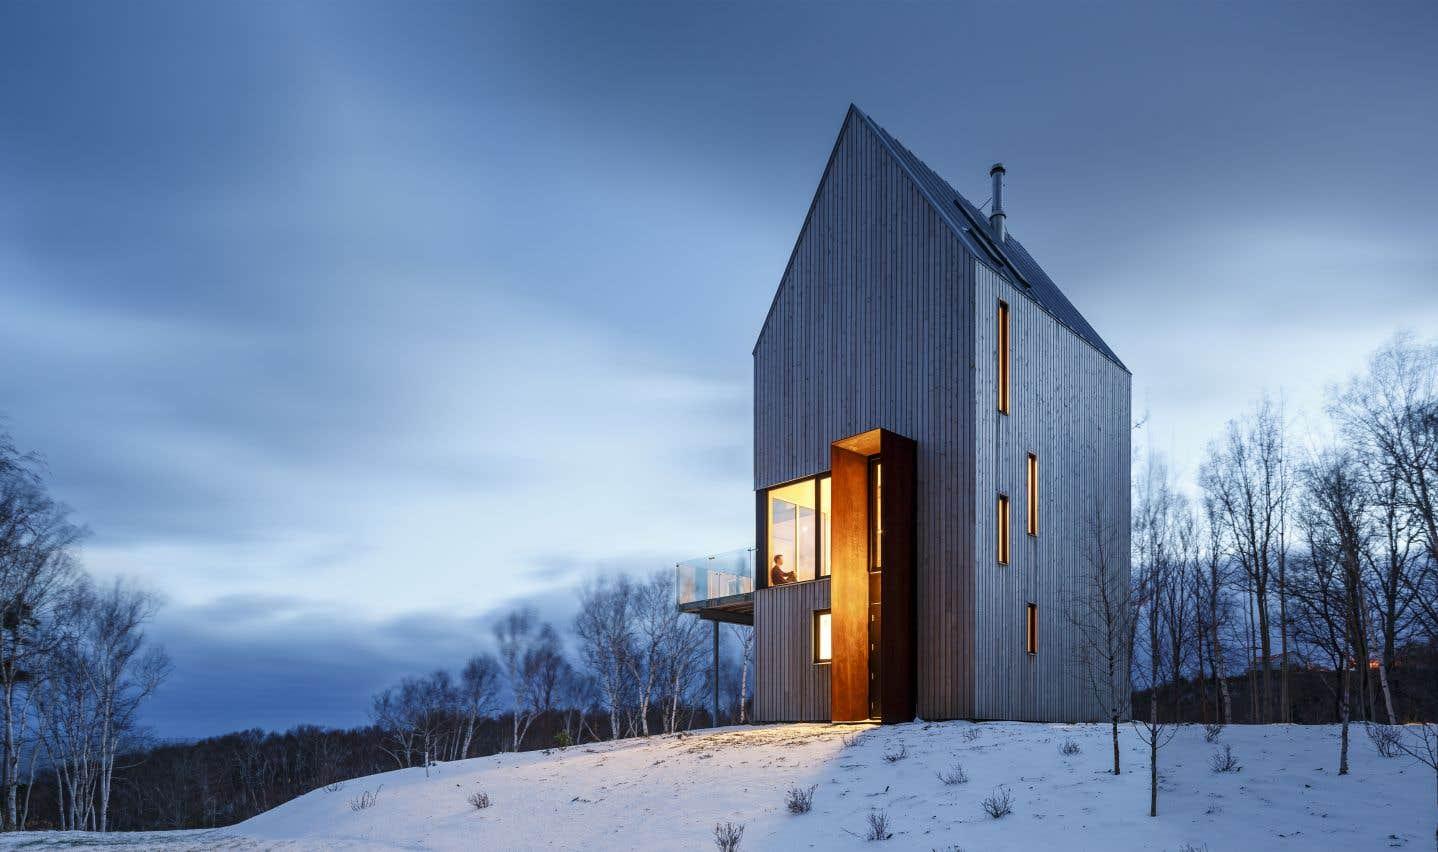 Le chalet de la gorge du Piège à lapins (Nouvelle-Écosse), Omar Gandhi Architect et Design Base 8 (New York)